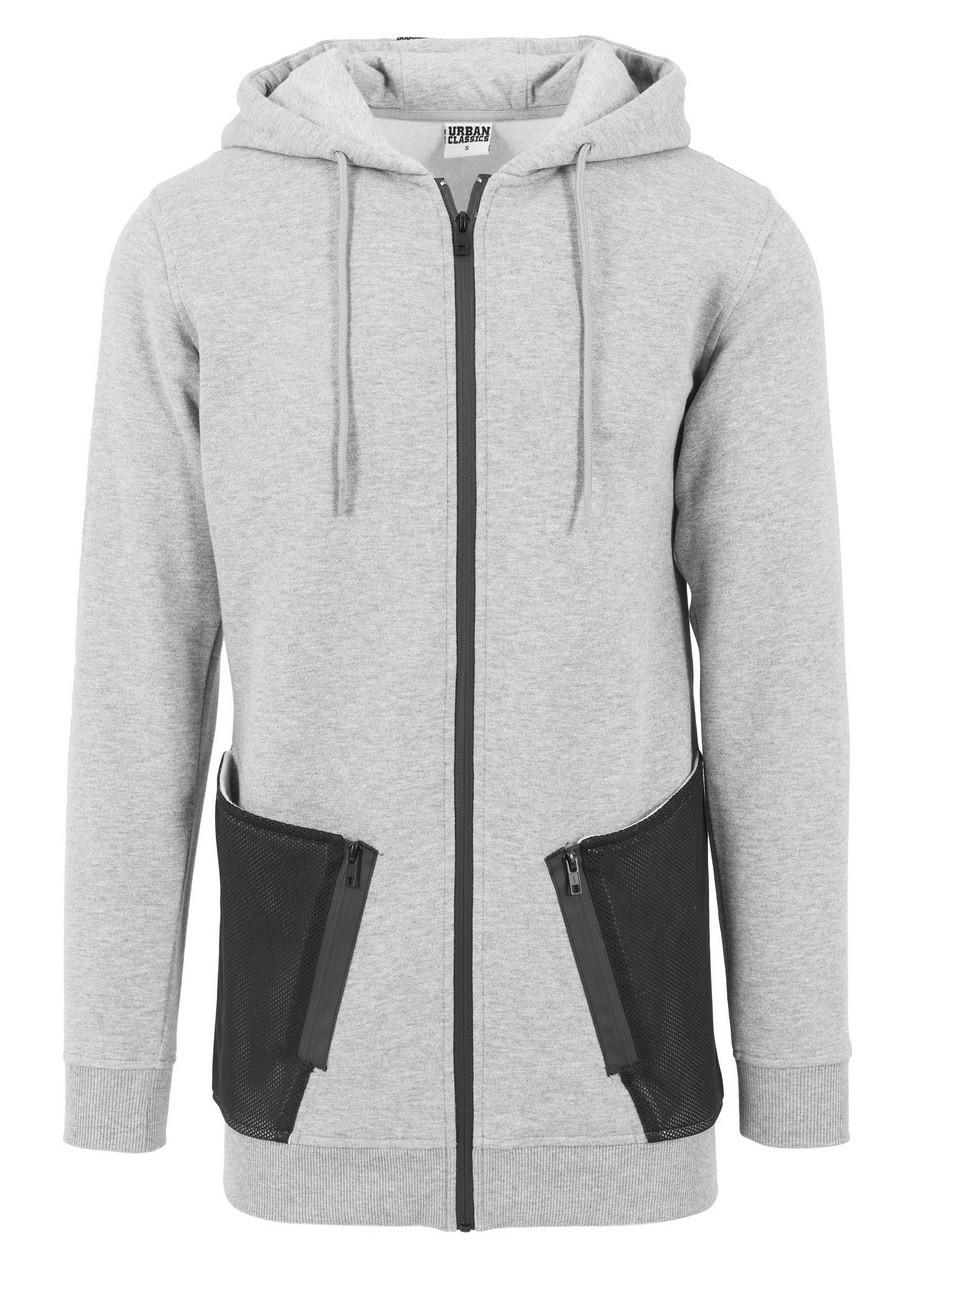 urban-classics-herren-sweatjacket-long-peached-tech-zip-hoody